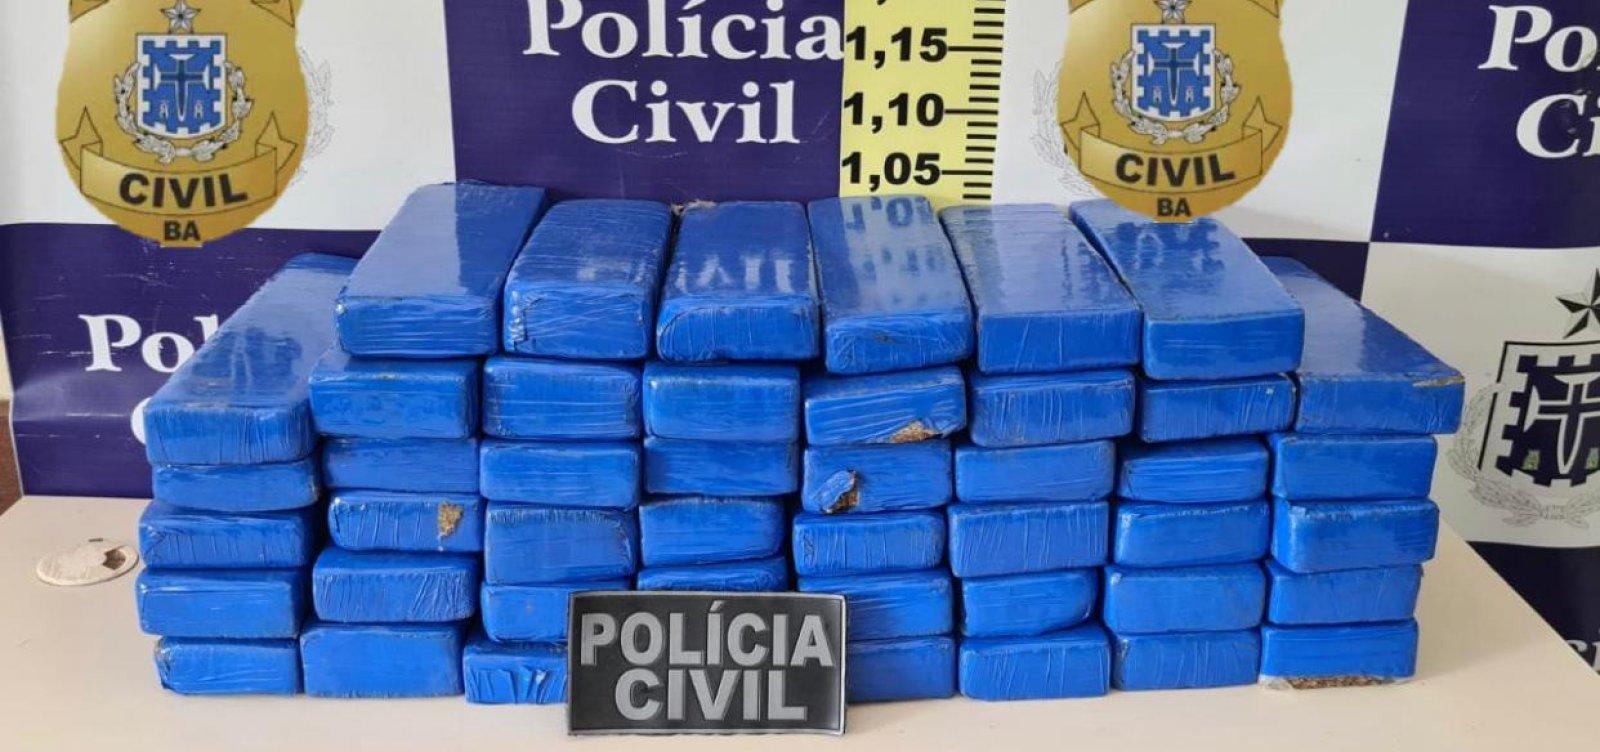 [Feira de Santana: homem é preso em flagrante com 46 tabletes de maconha em ônibus]